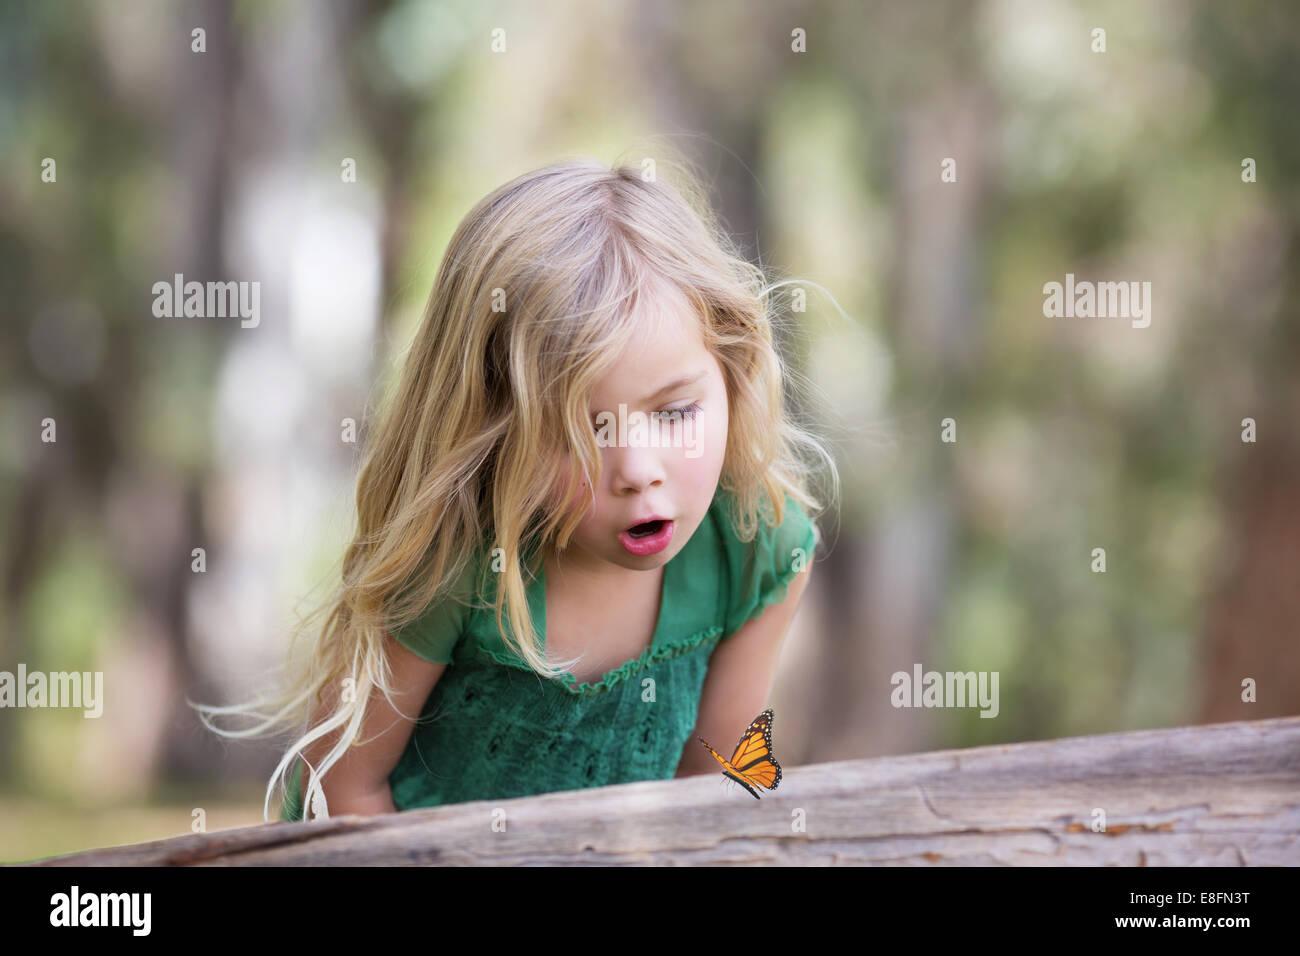 Chica (4-5) mirando en registro de mariposa Imagen De Stock